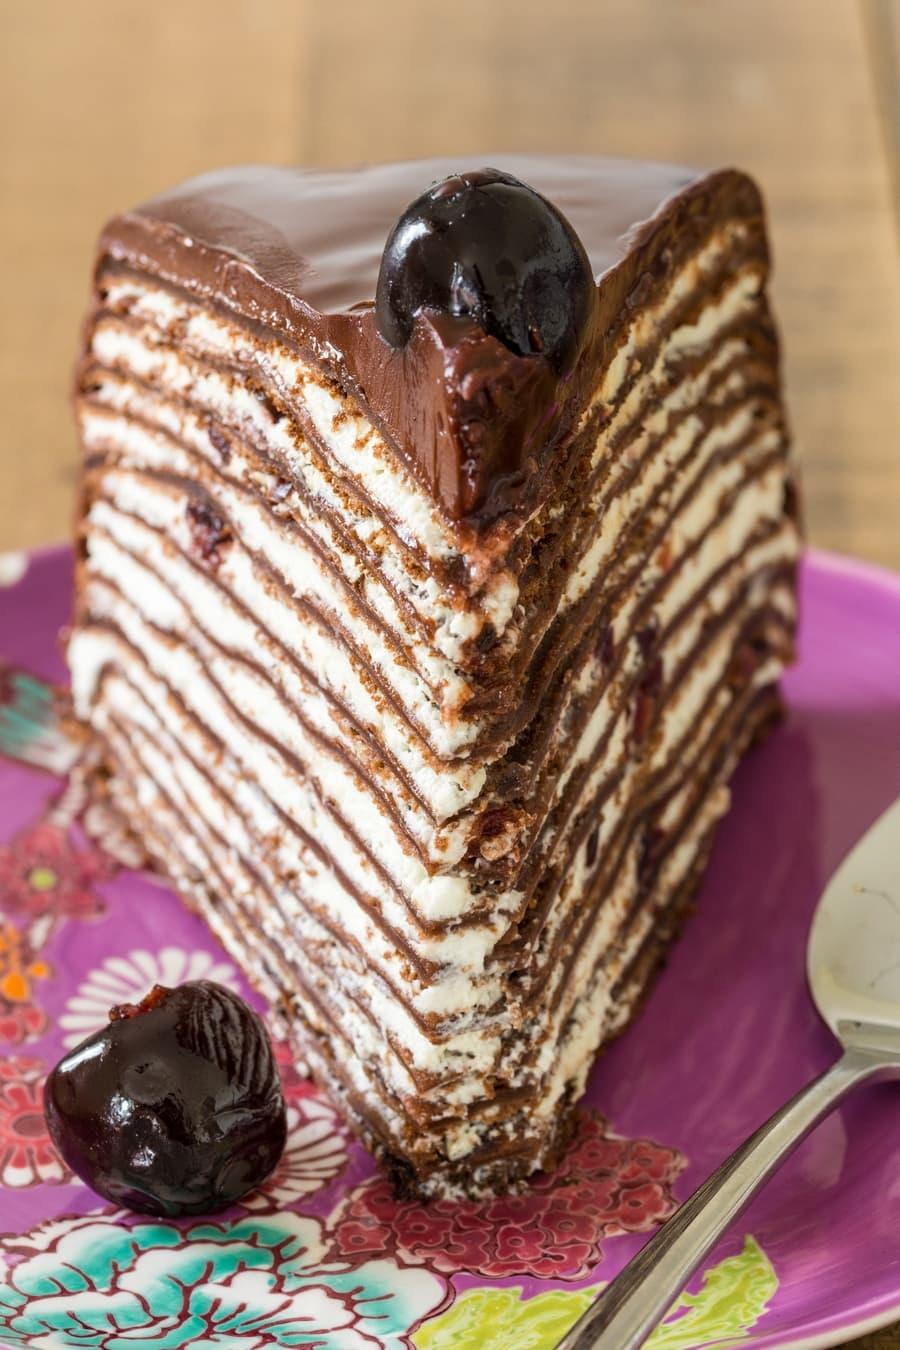 Slice of Black forest crepe cake.